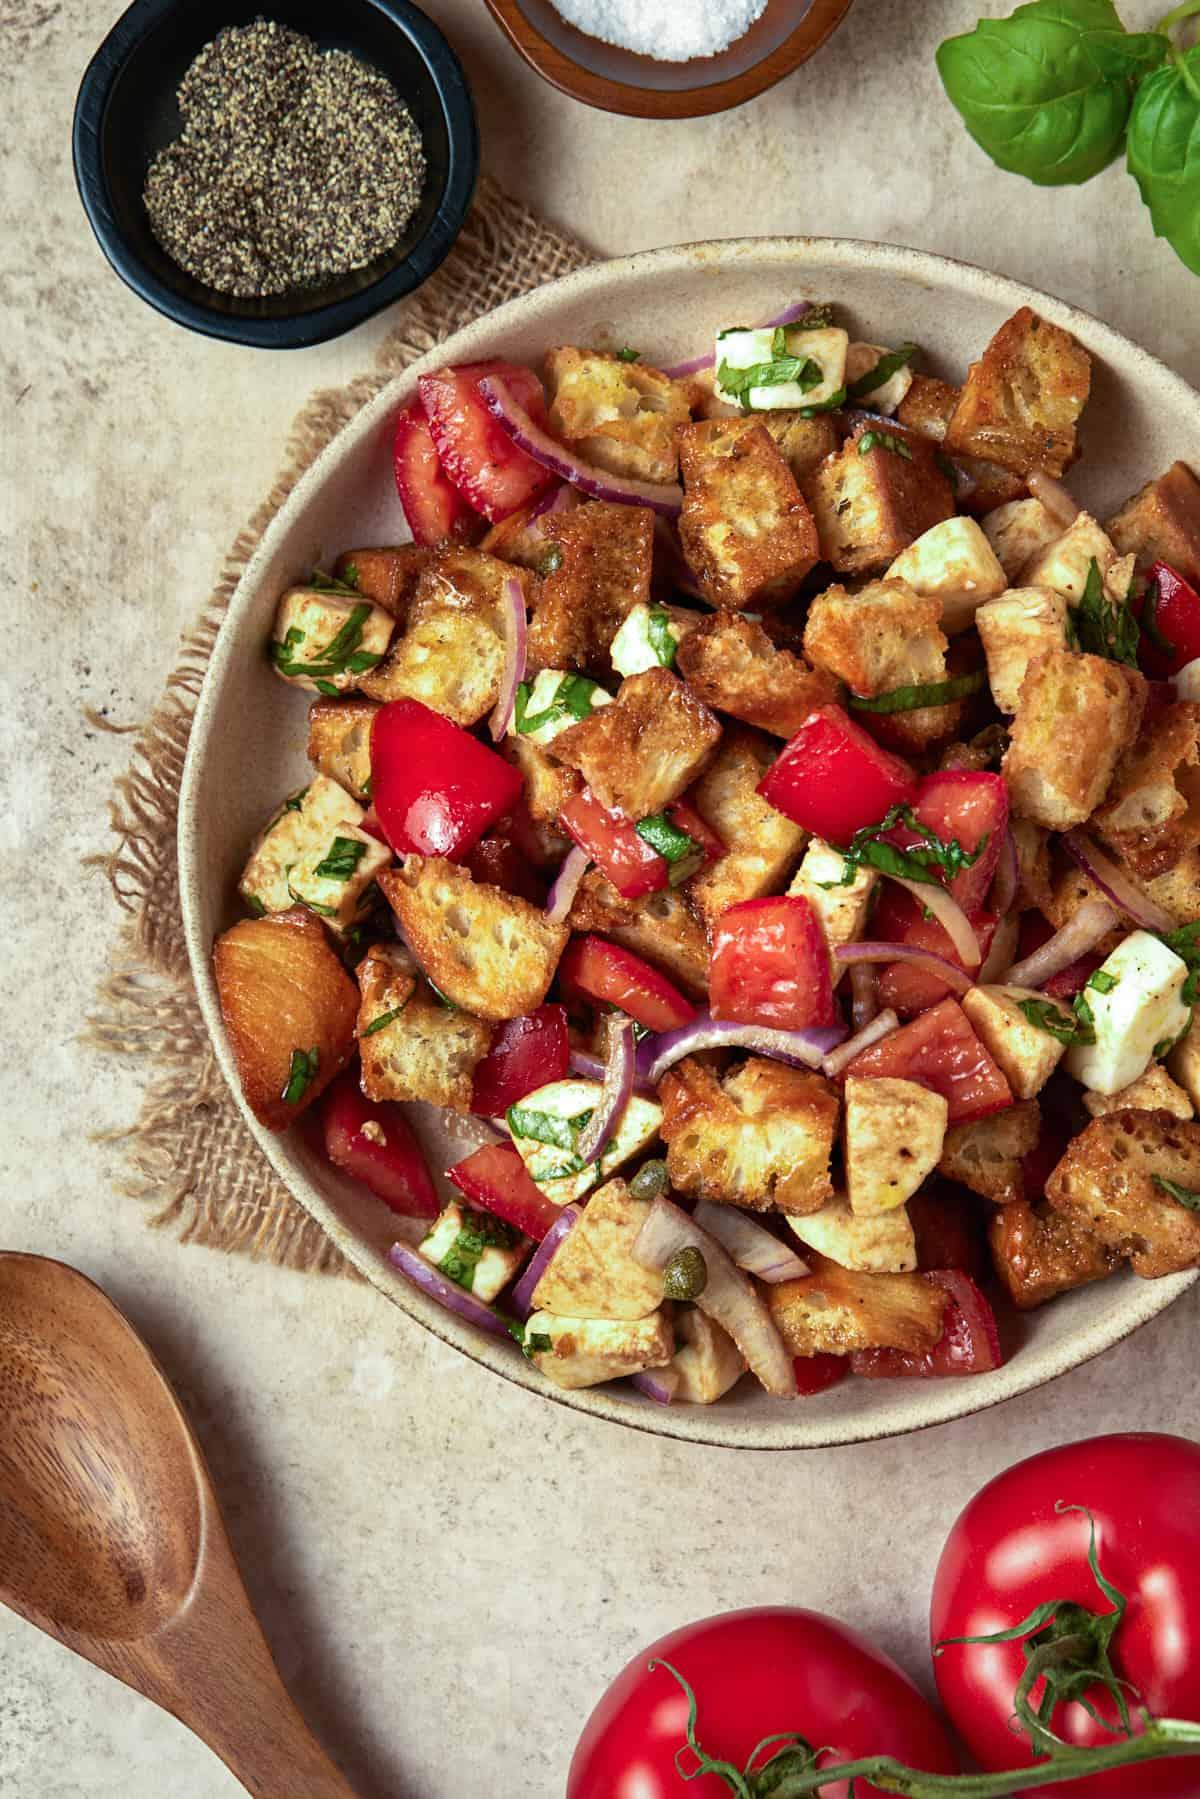 Bread and tomato salad in a ceramic bowl.